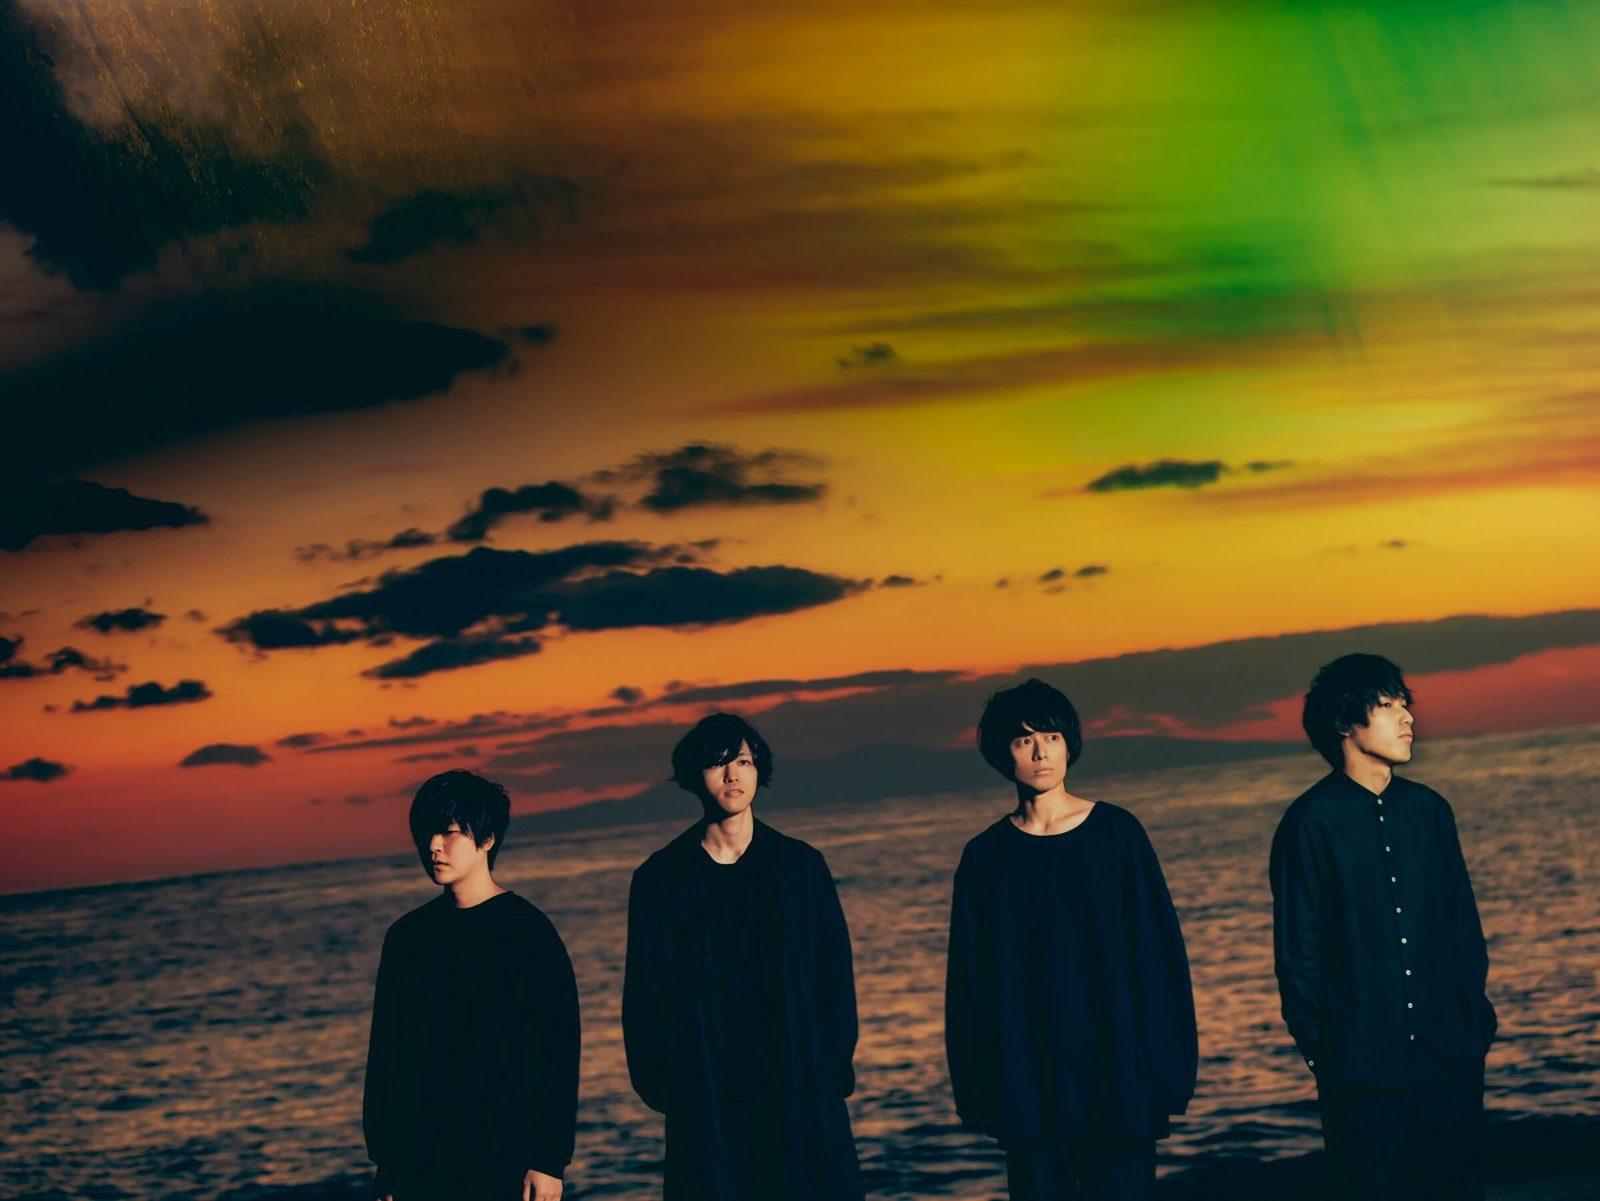 京都発4ピースバンドmol-74、メジャーデビュー&再録10曲に新曲を加えたフルアルバムリリース決定サムネイル画像